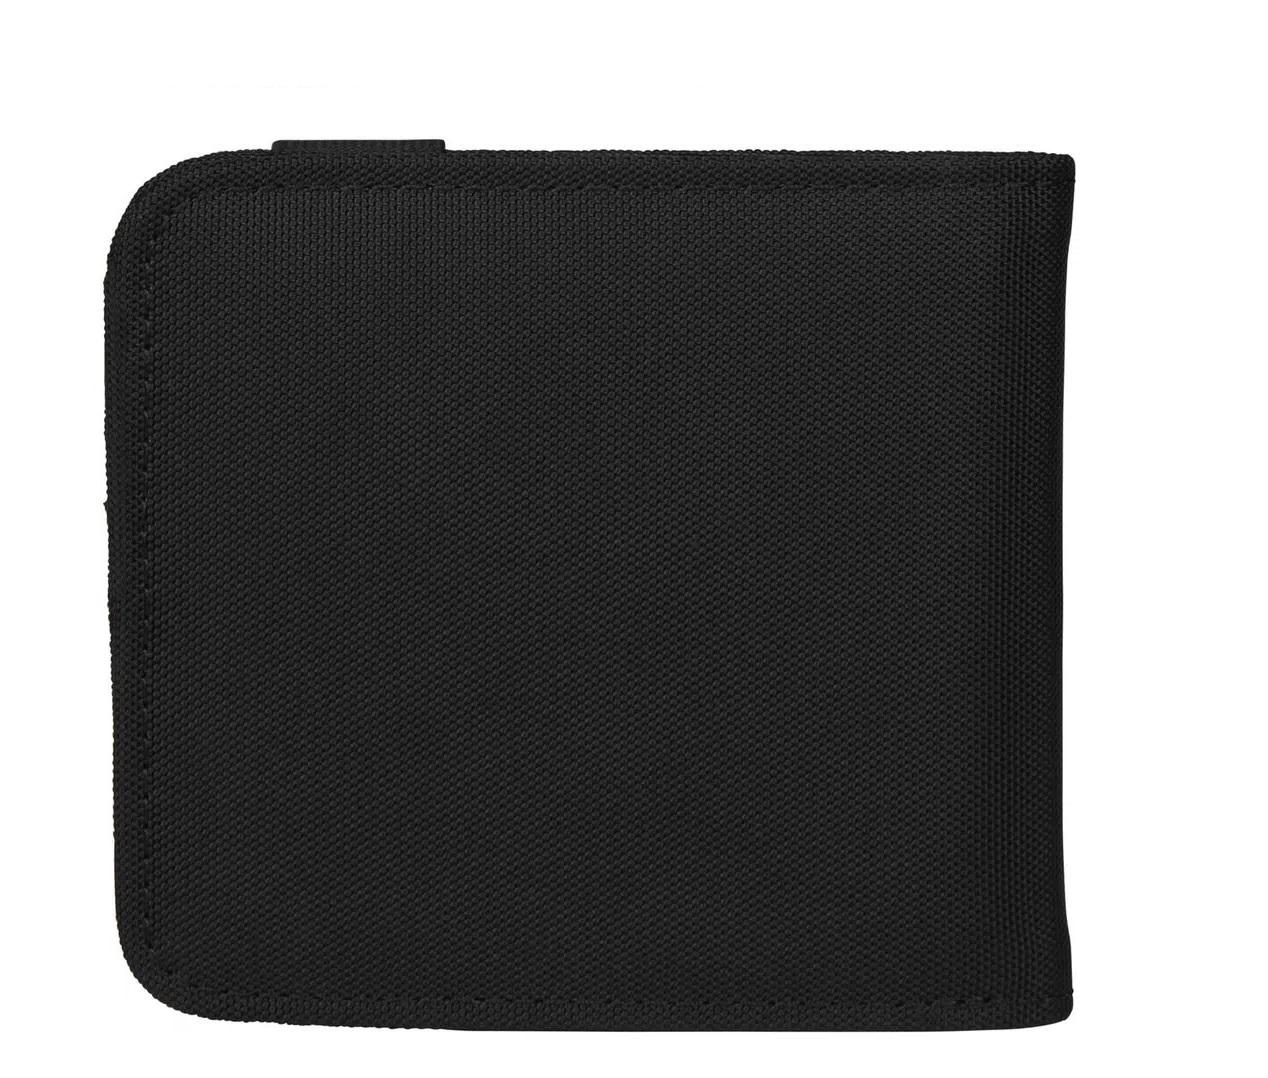 Carteira em Nylon Preta TA 5.0 Bi-Fold com Proteção RFID Victorinox  - Mix Eletro